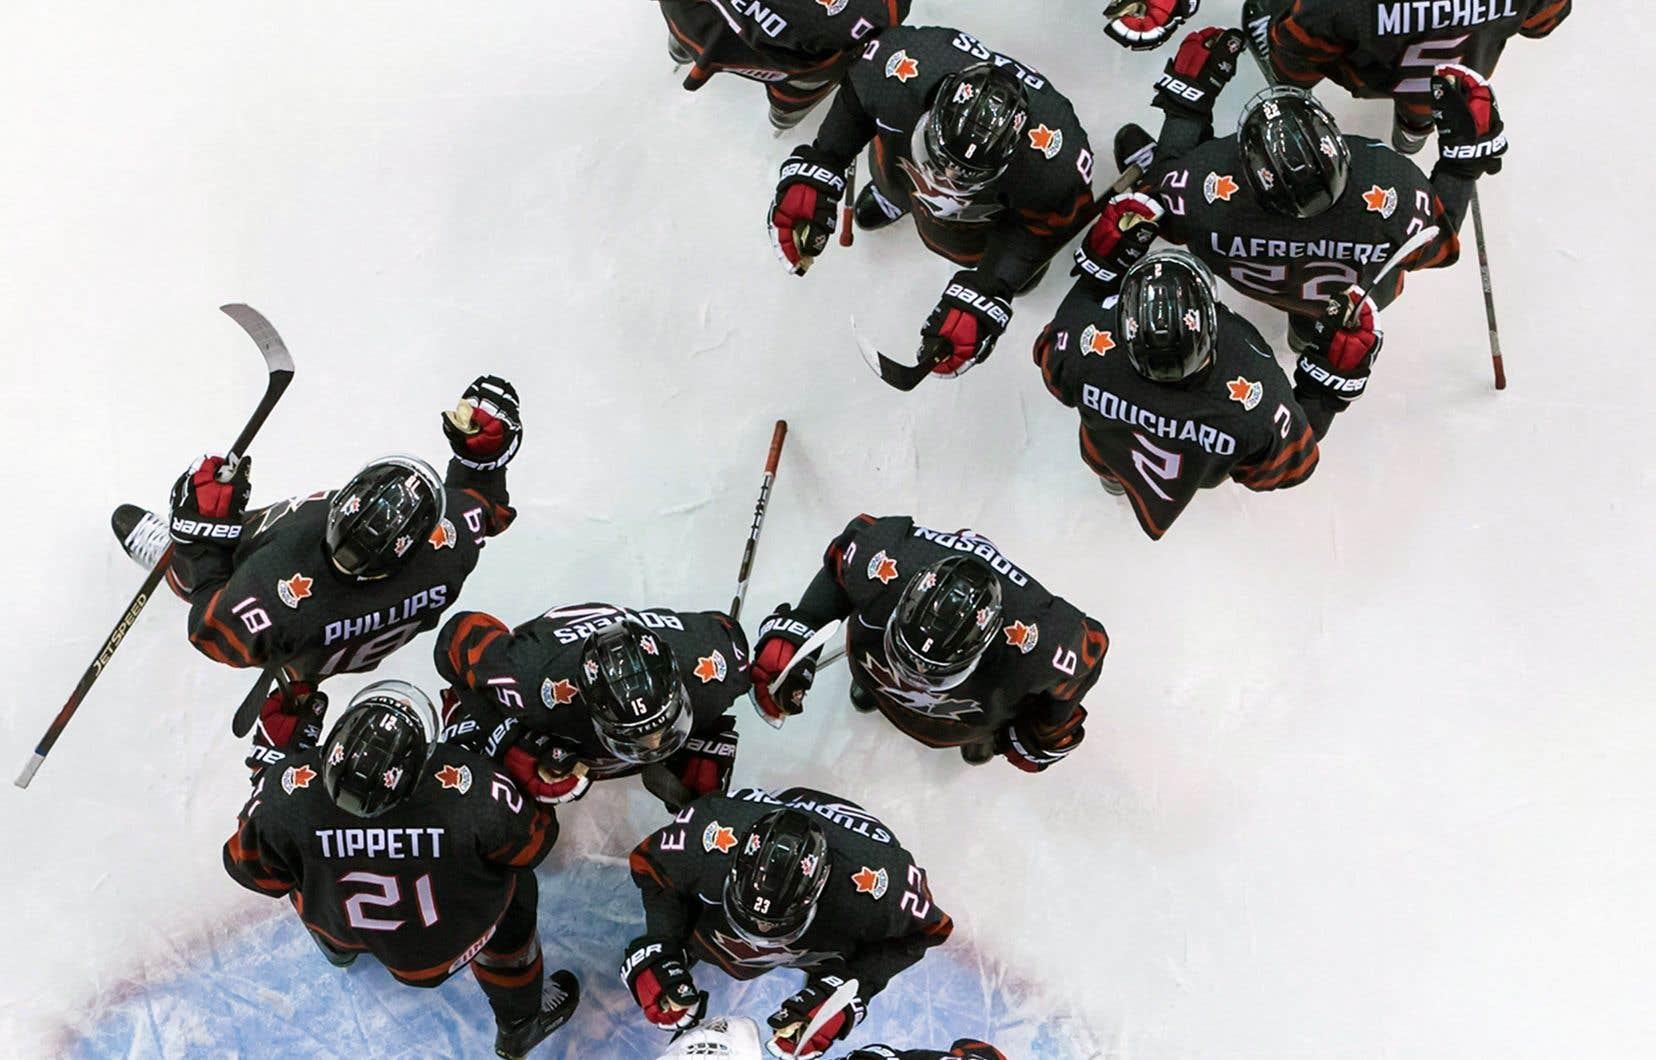 L'équipe canadienne célébrant sa victoire de samedi contre la République tchèque